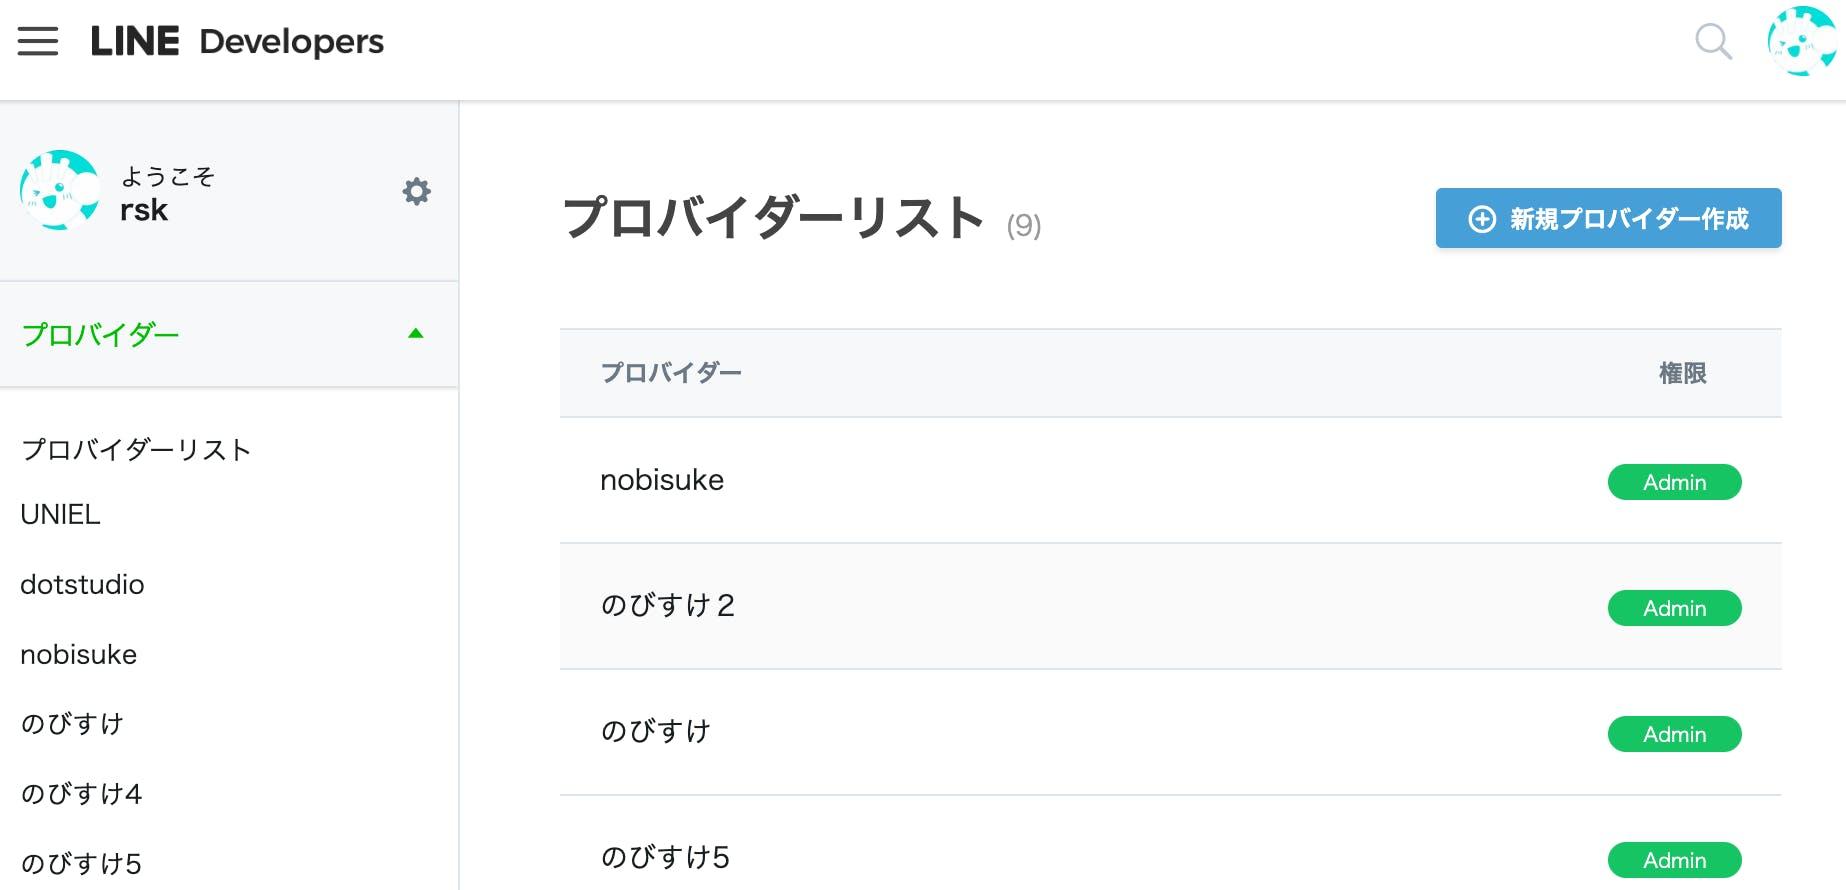 スクリーンショット 2019-05-14 15.38.42.png